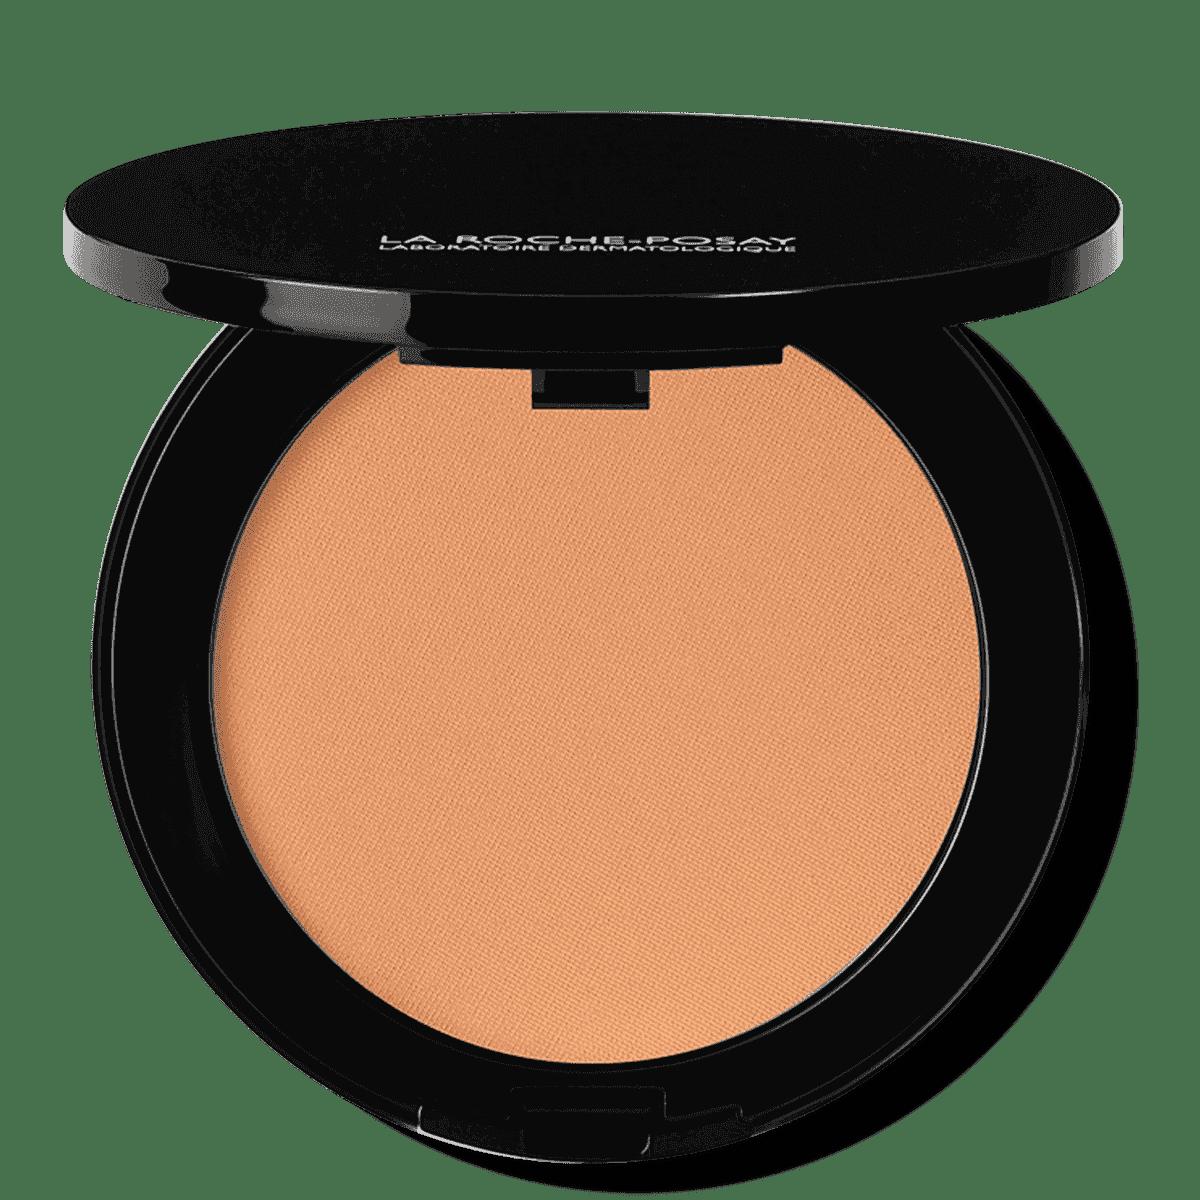 La Roche Posay Sensitive Toleriane Make up COMPACT_POWDER_15Golden 333